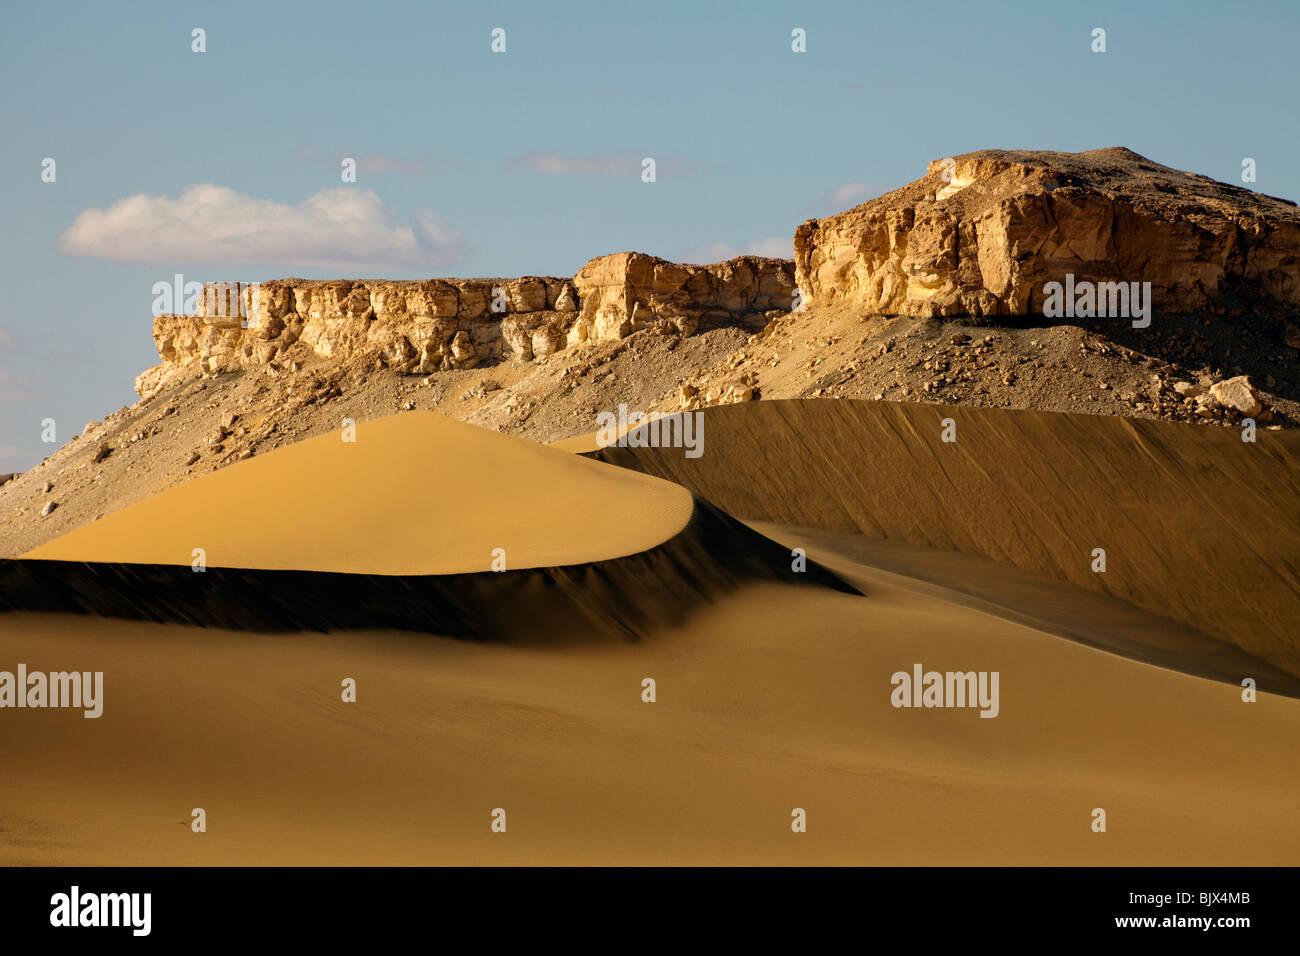 sand dunes, Sahara desert, between Dakhla and Farafra oases, Egypt - Stock Image